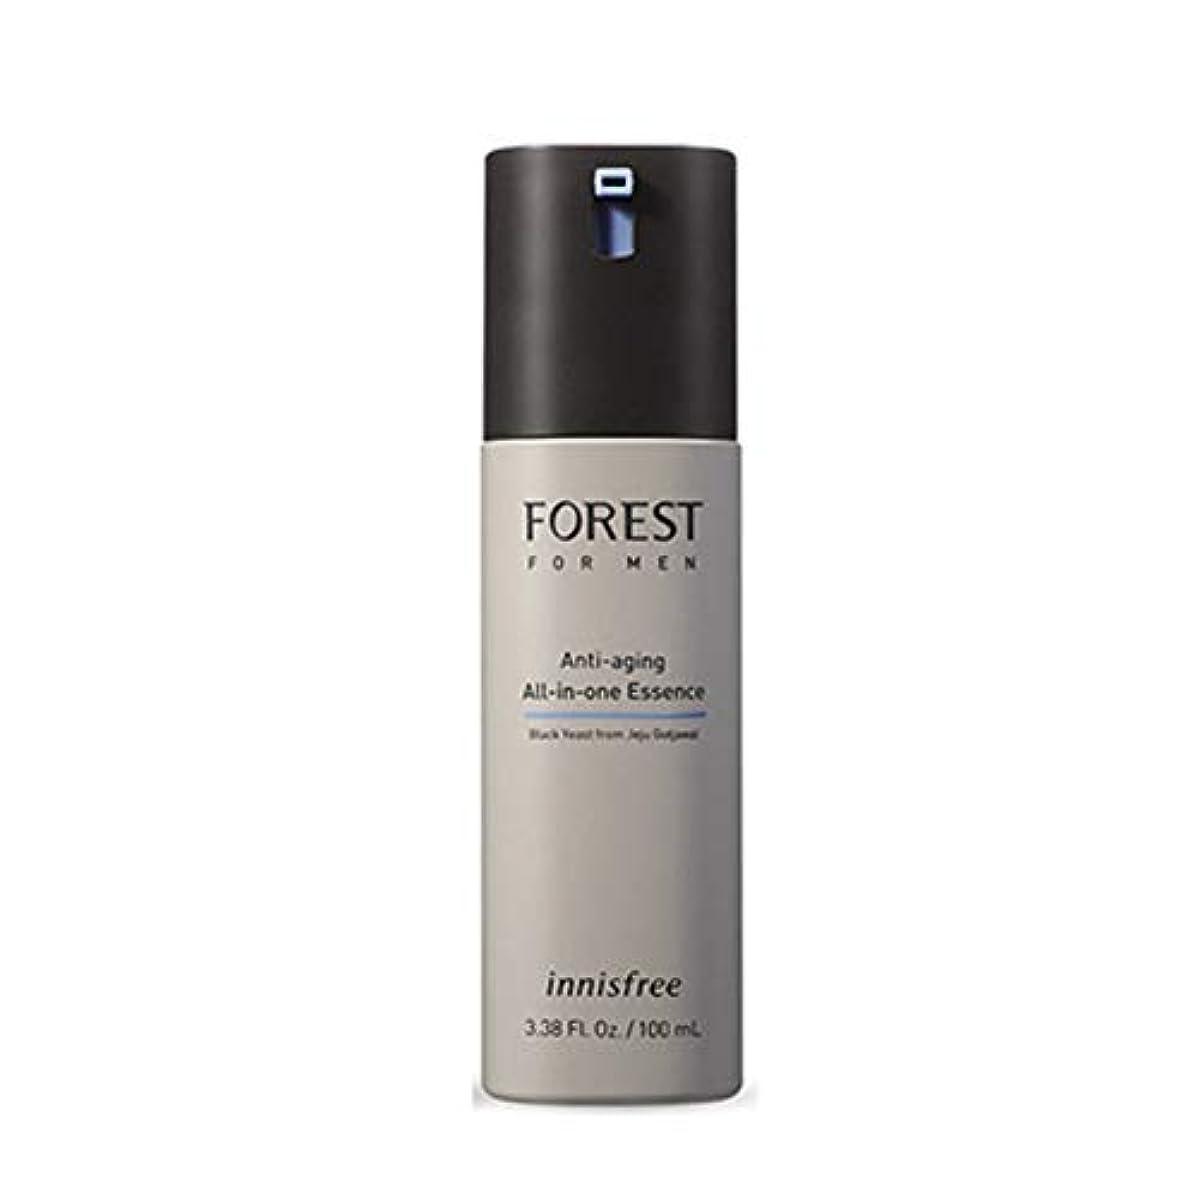 テレビ局深遠キャプテンイニスフリーフォレストフォーメンオールインワンエッセンス100ml 4タイプメンズコスメ韓国コスメ、innisfree Forest for Men All-in-one Essence 100ml 4 Types Korean Cosmetics [並行輸入品] (No.4 Anti-aging Care)